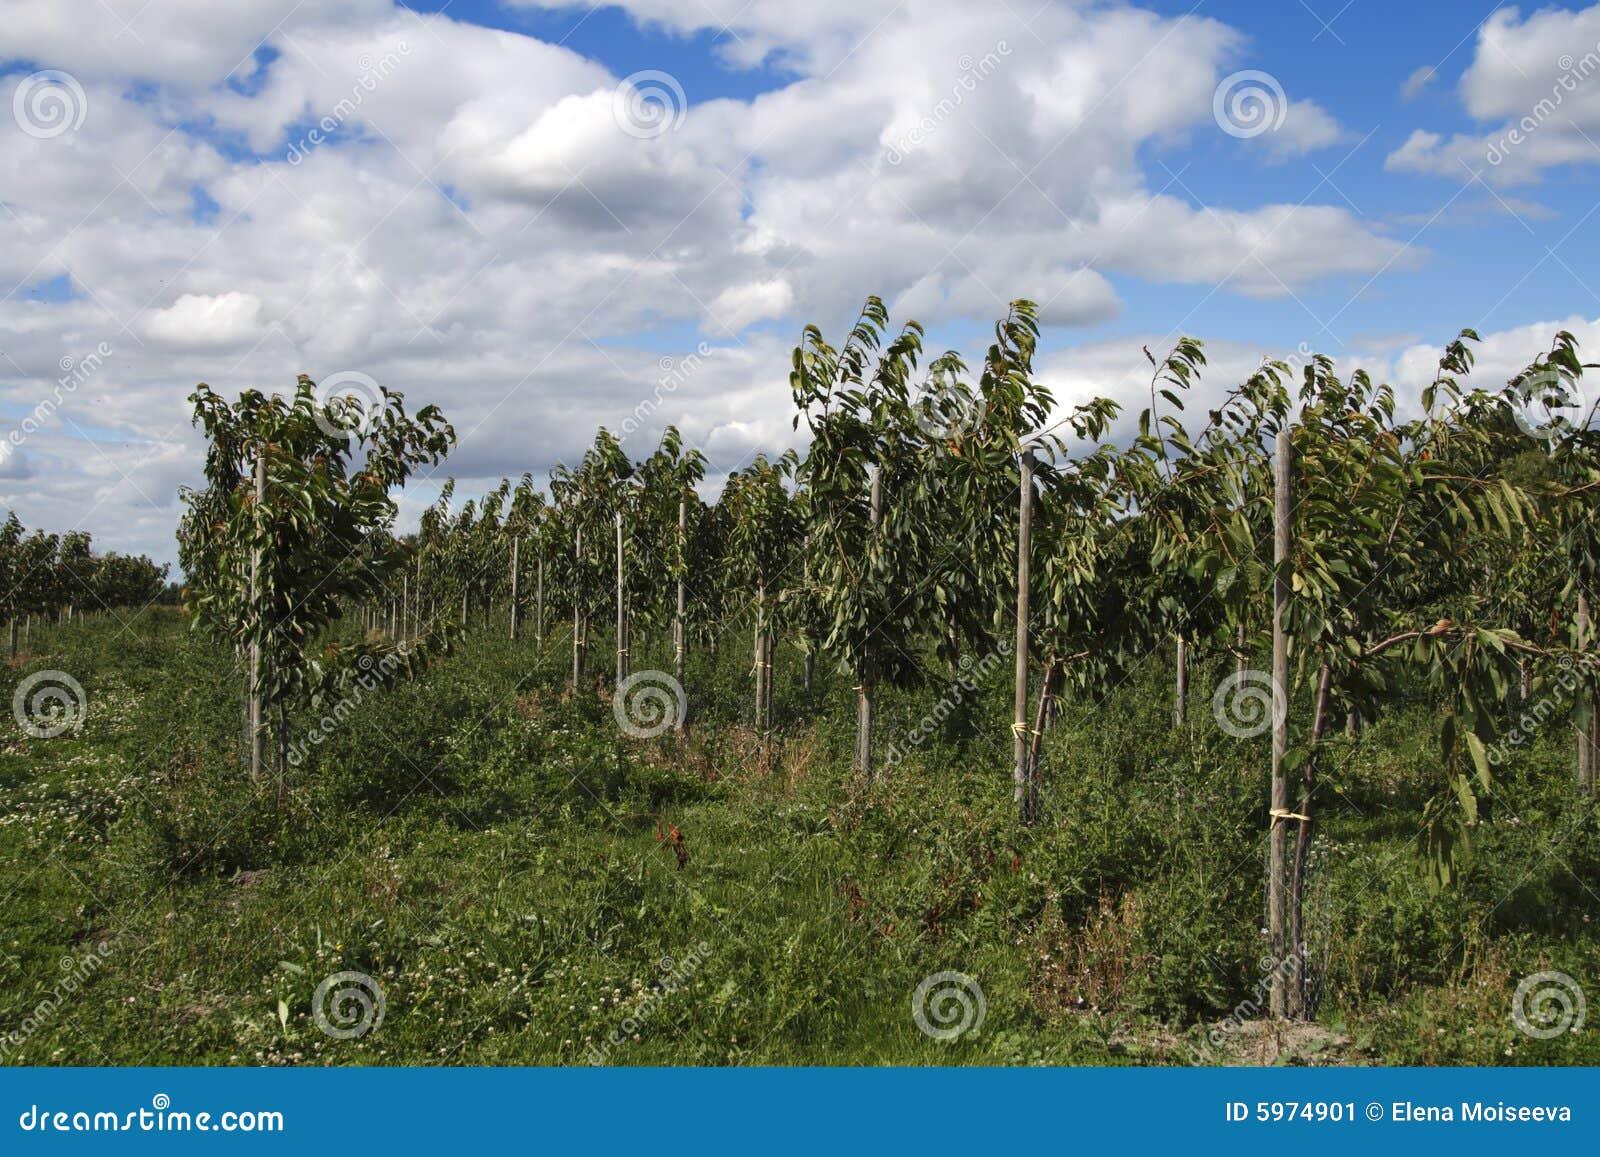 Junge Kirschbäume im Bauernhofobstgarten